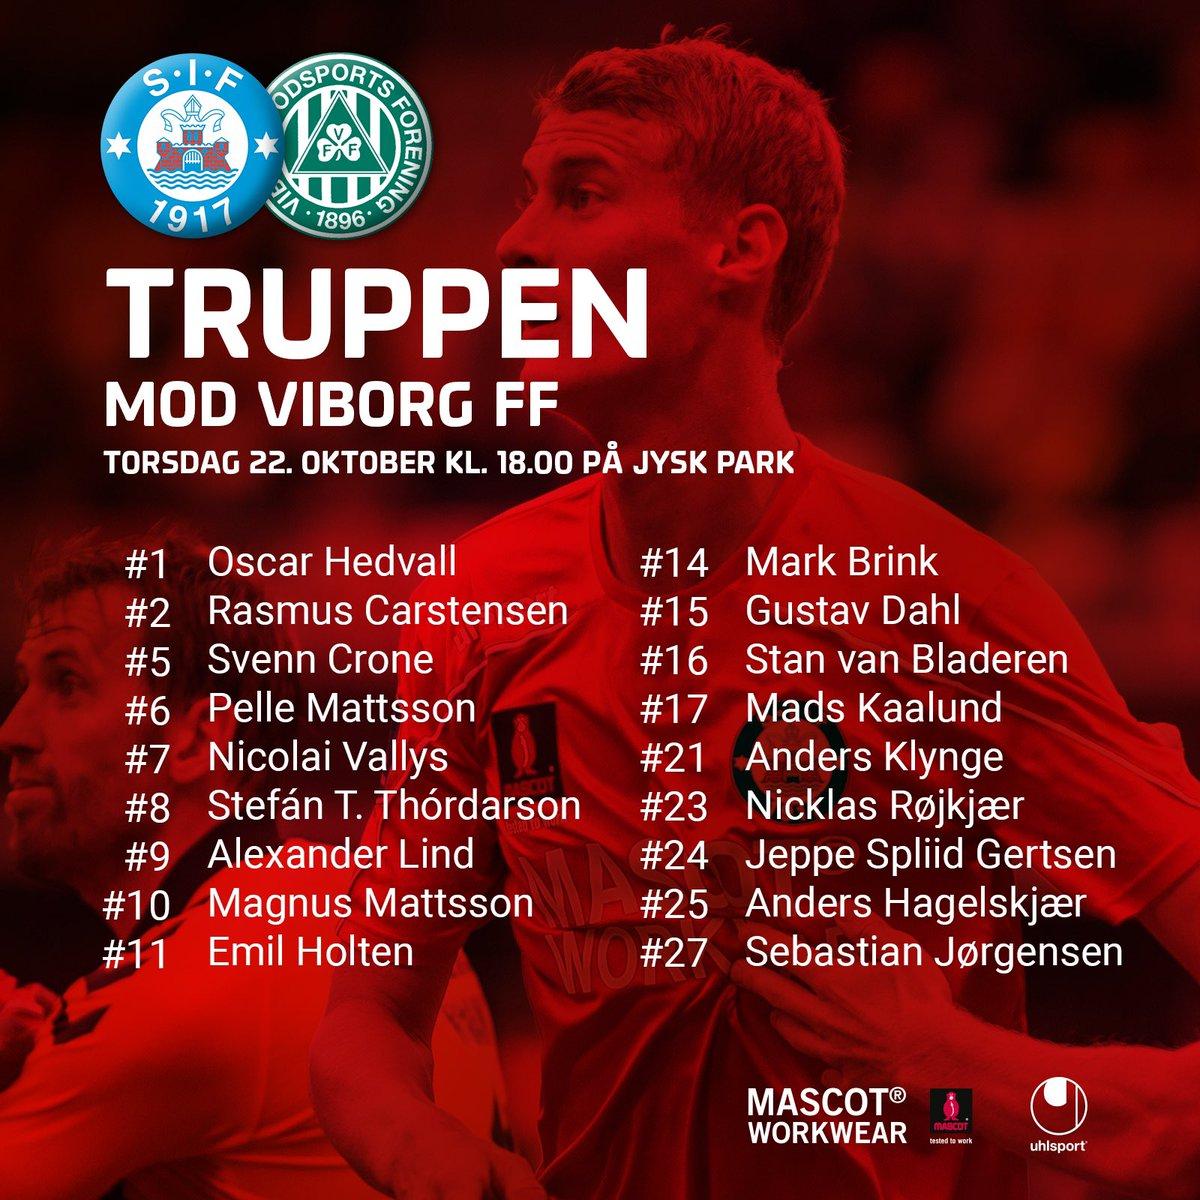 Der er tre nye ansigter hos @SilkeborgIF, der torsdag på JYSK park møder @viborgff i sæsonens første topopgør. Ind i forhold til 5-1 sejren i Hvidovre i fredags er trådt Stefán Teitur Thórdarson, Nicolai Vallys og Gustav Dahl. #sifvff #1div #topkamp https://t.co/3Wej73EaO8